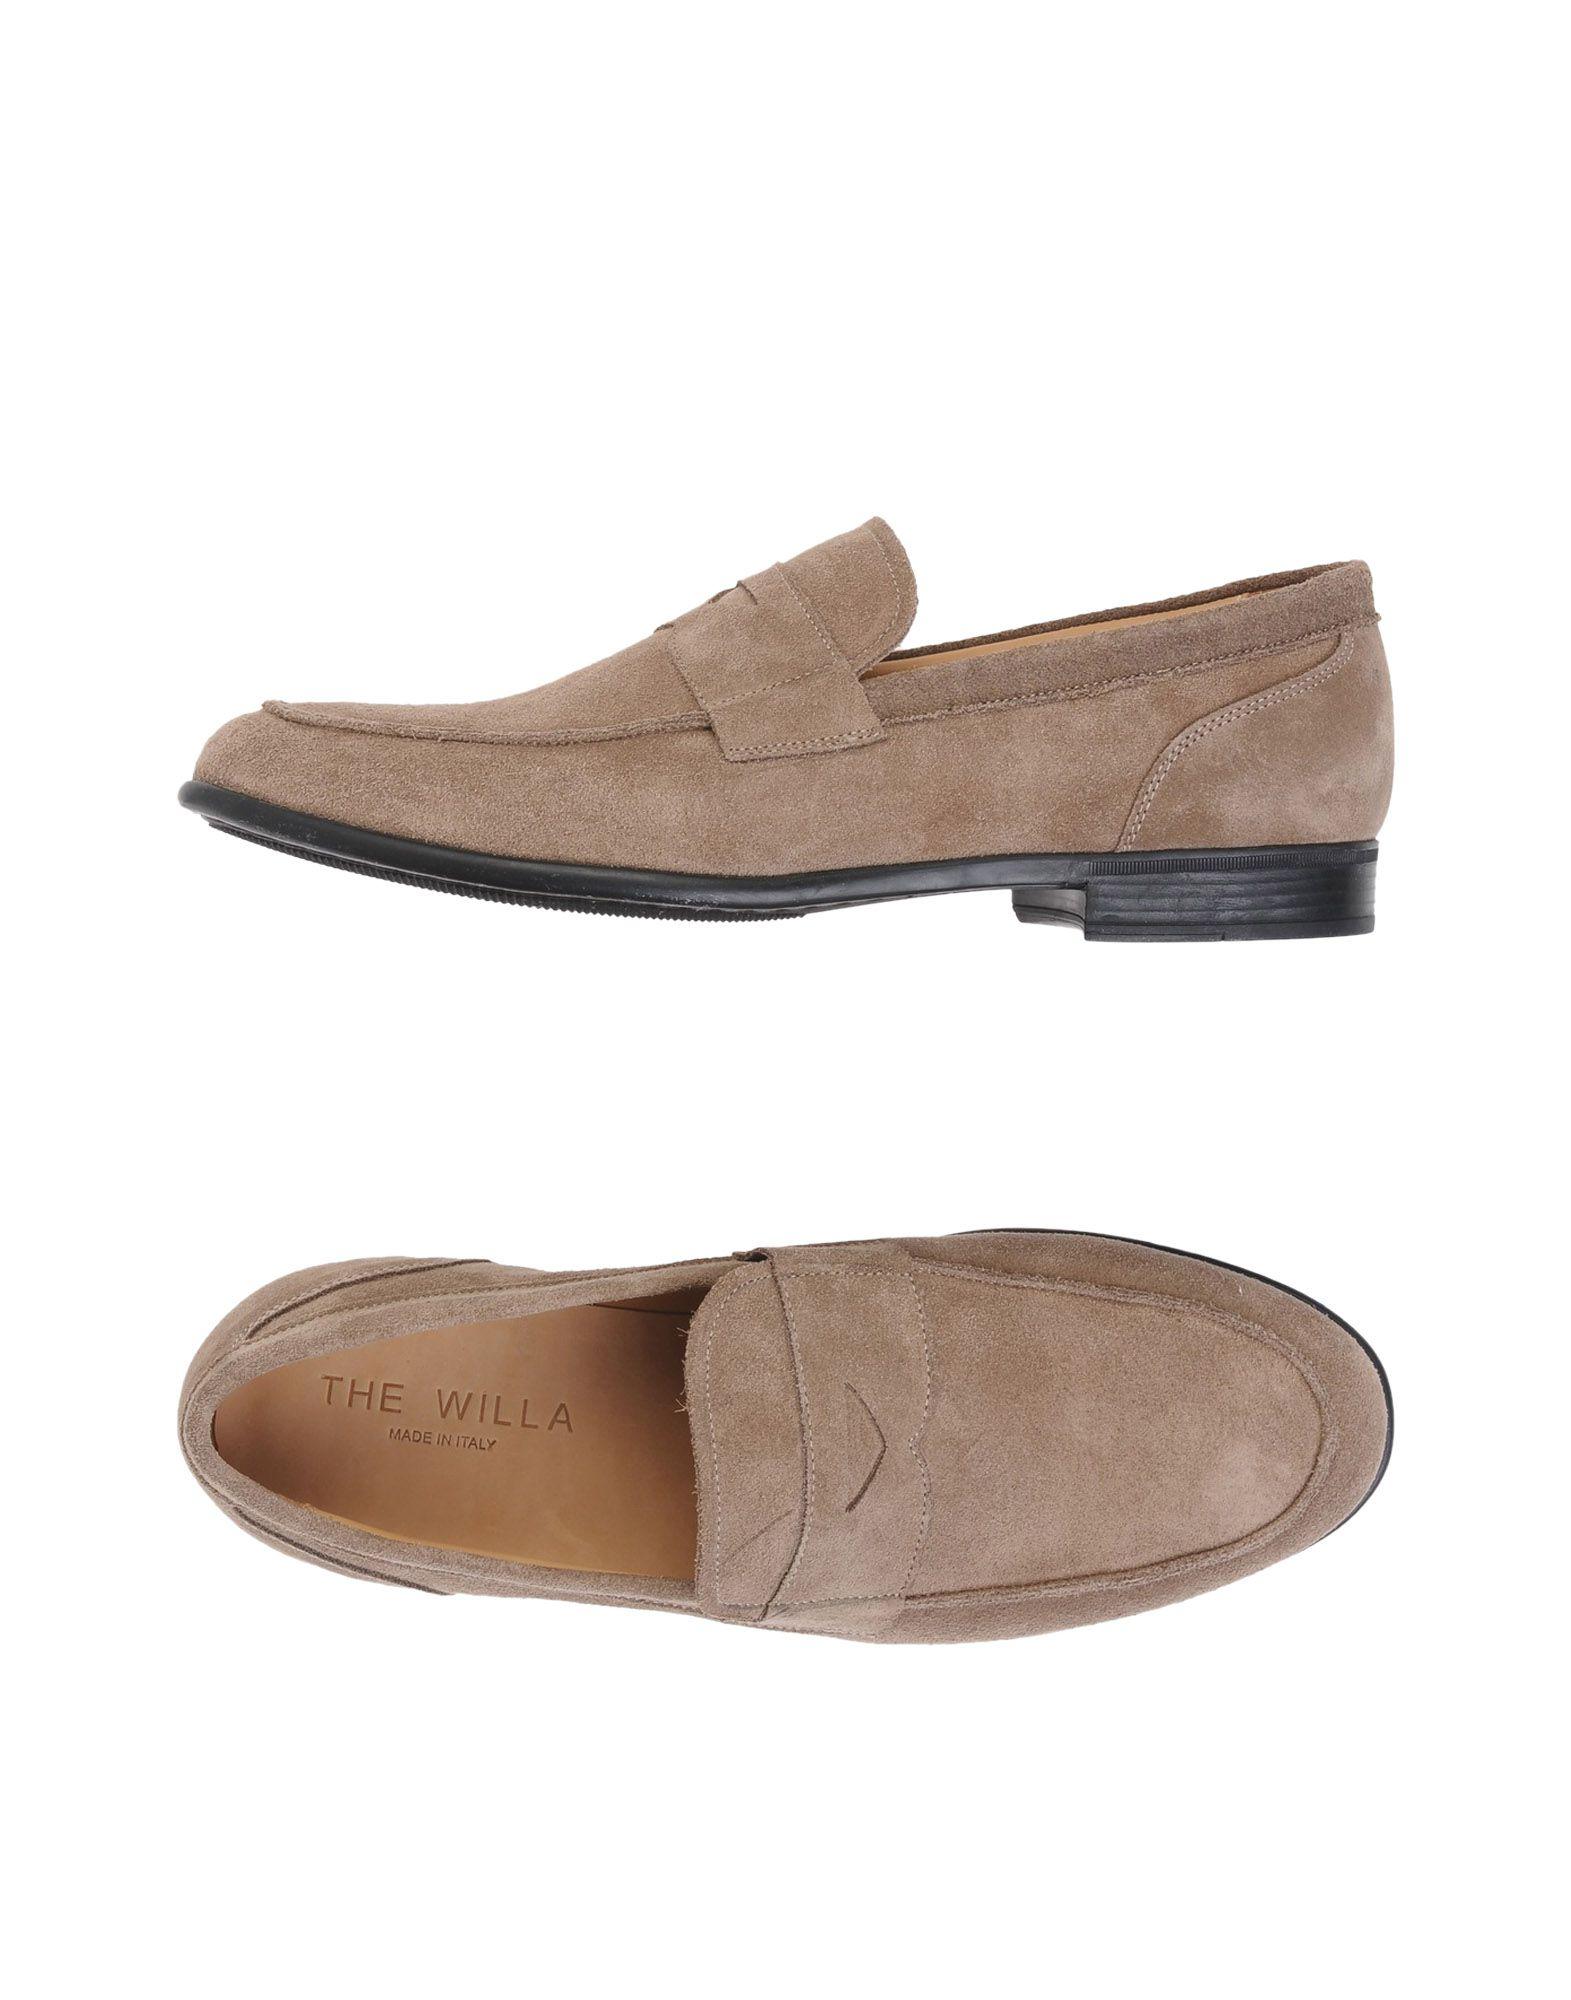 Rabatt echte Schuhe The Willa Mokassins Herren  11459265UL